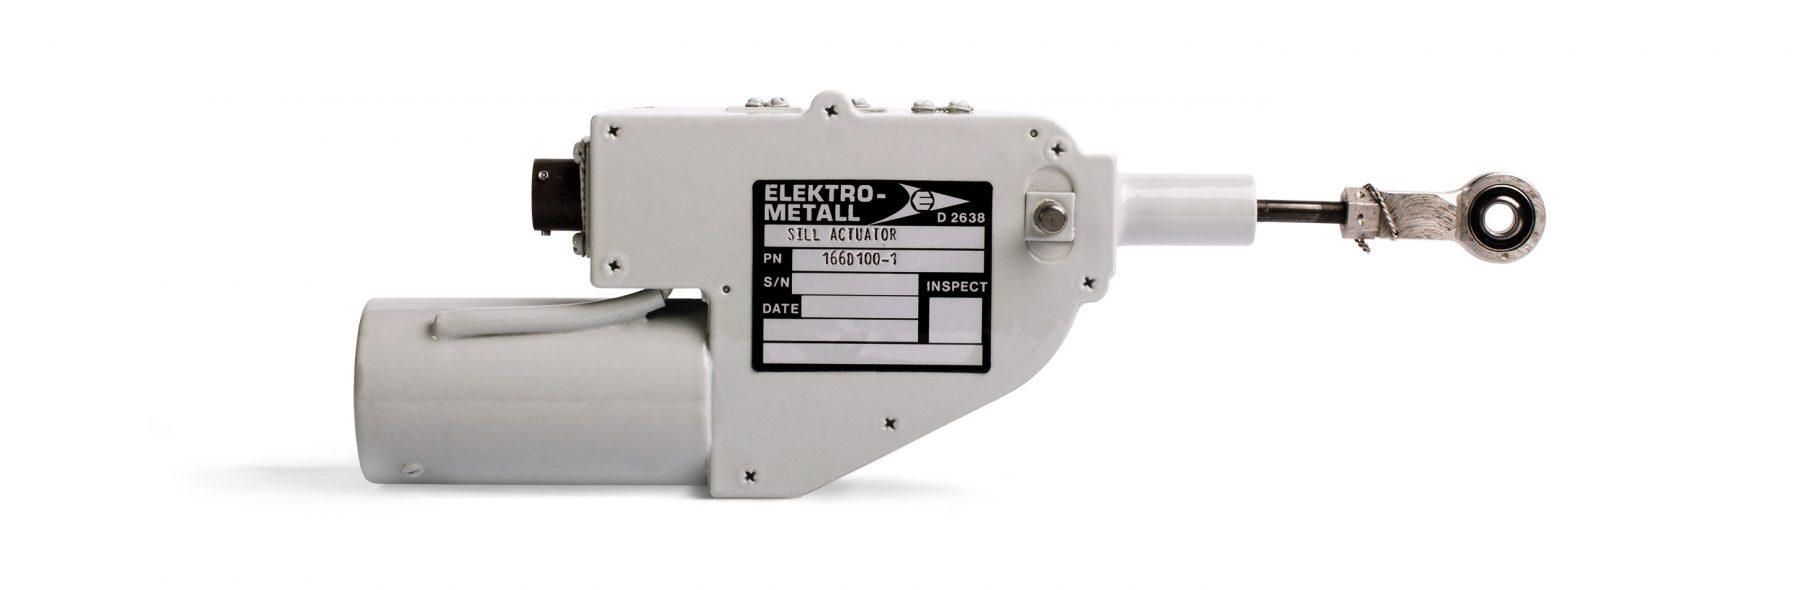 EME Elektro-Metall